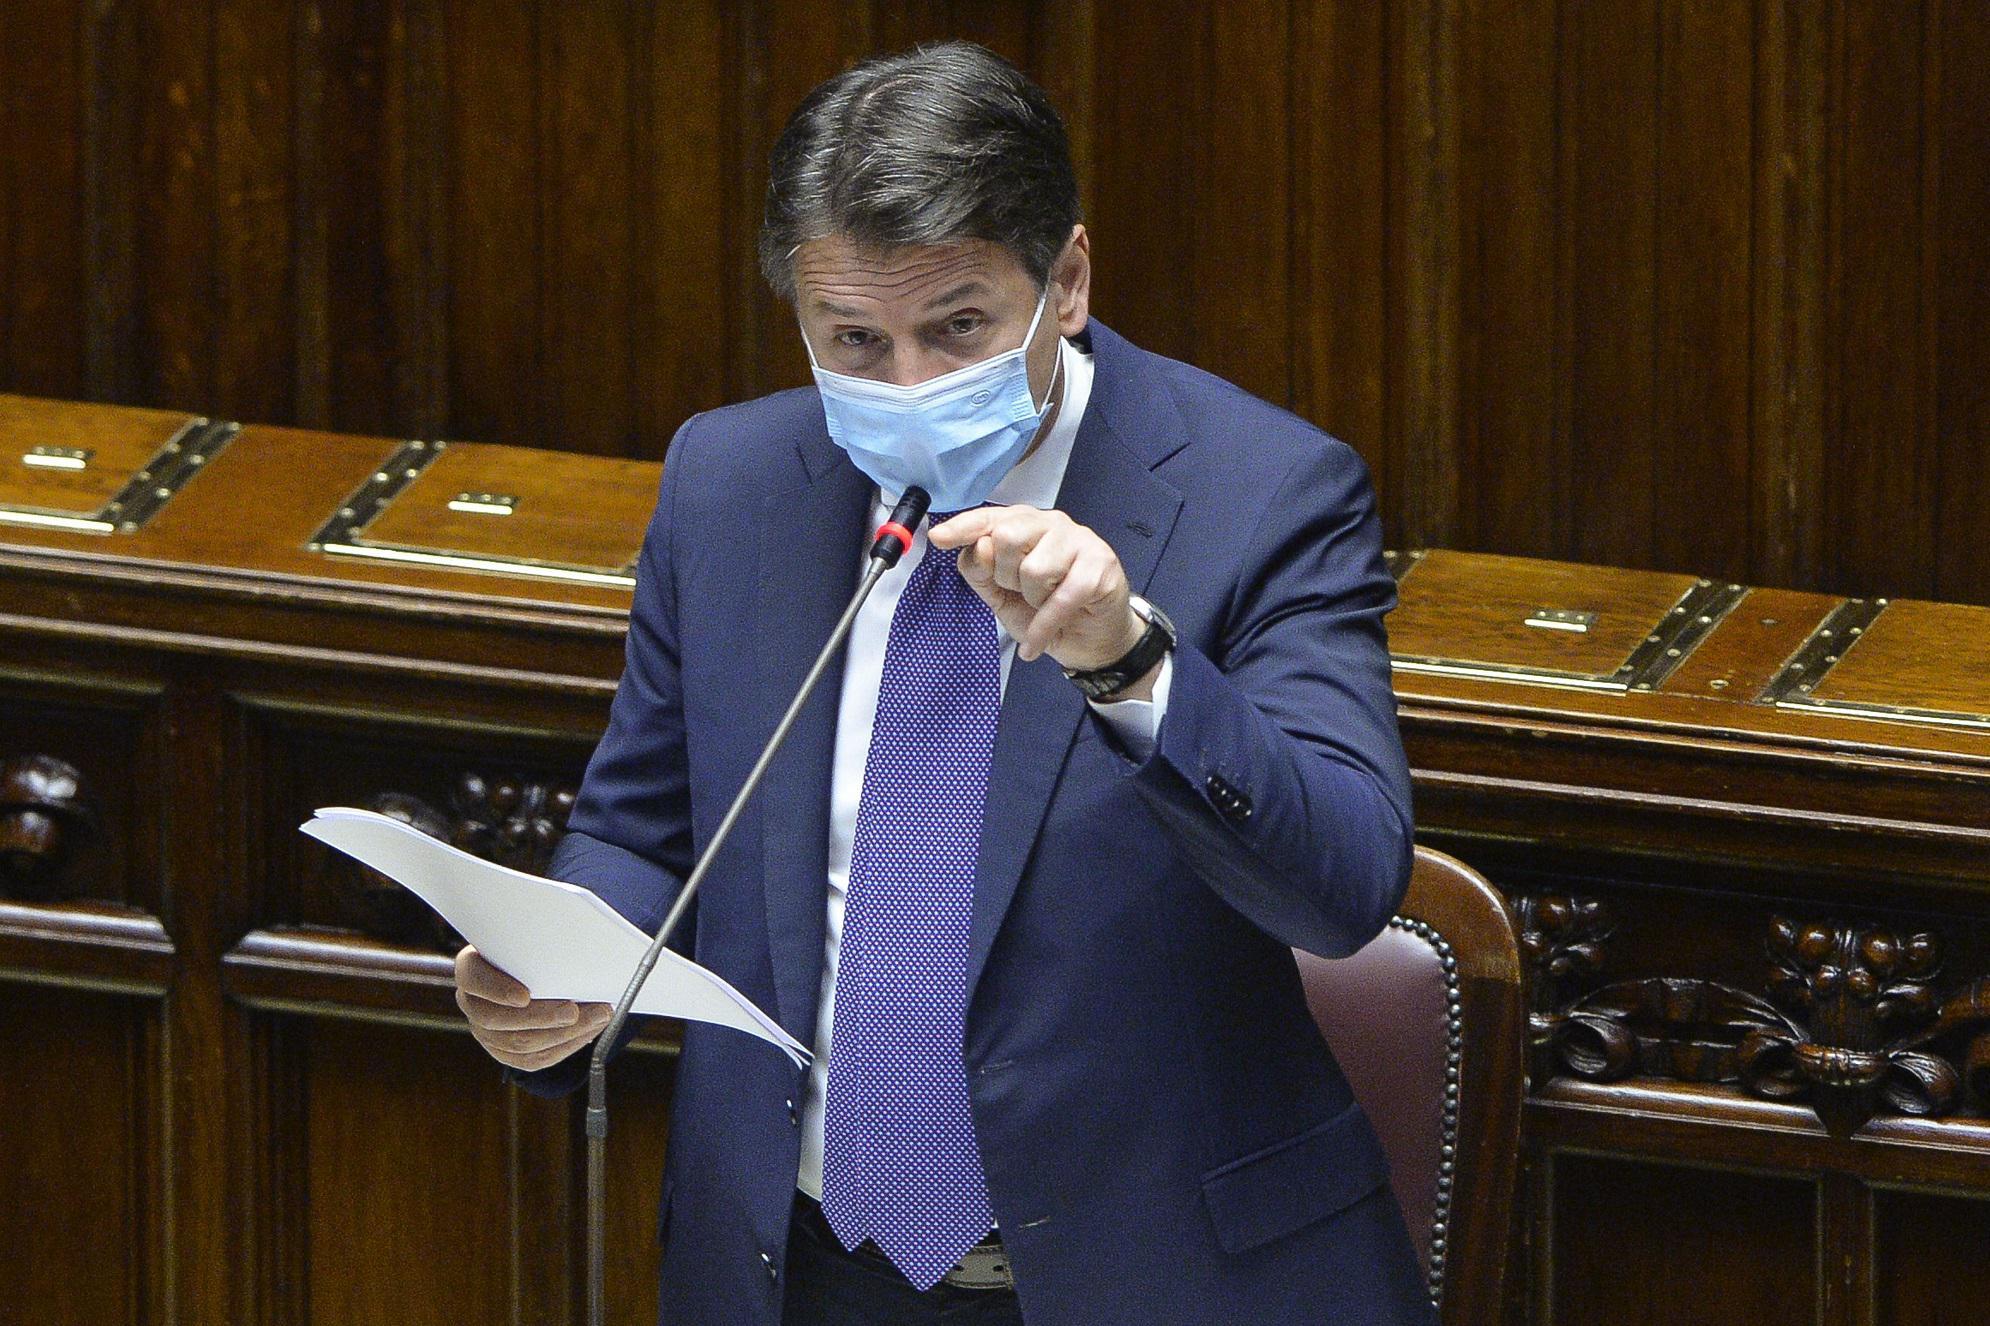 Dopo aver ottenuto la fiducia alla Camera con 321 voti, martedì Conte ha chiesto al Senato di poter continuare la sua esperienza di governo